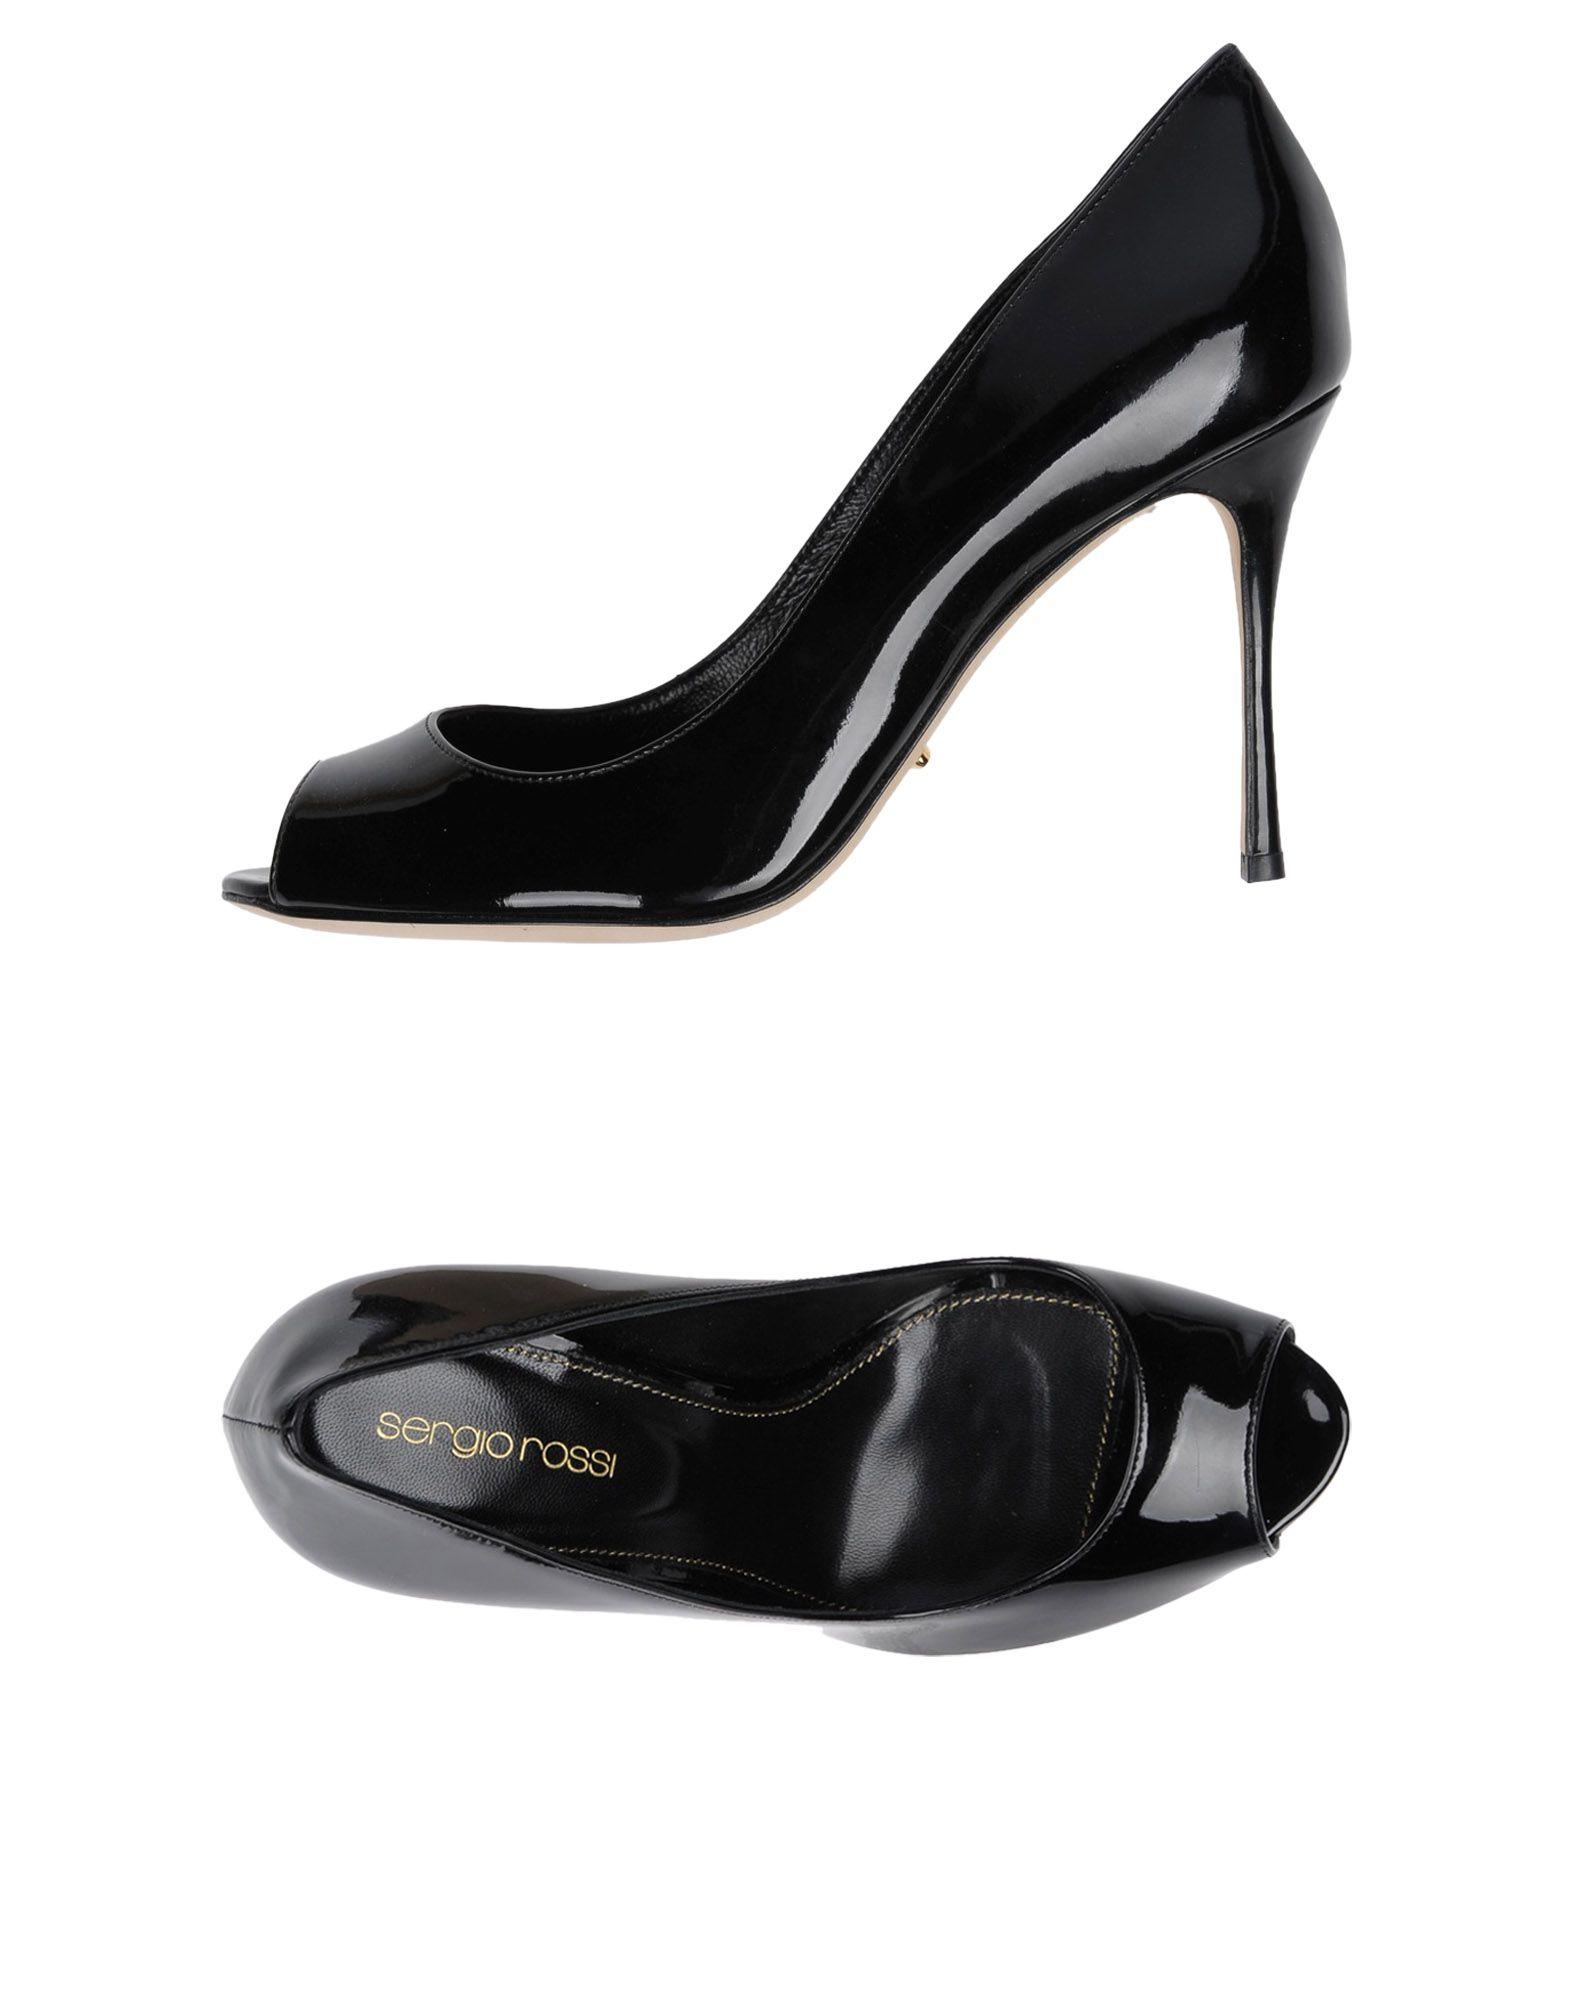 Escarpins Sergio Rossi Femme - Escarpins Sergio Rossi Noir Les chaussures les plus populaires pour les hommes et les femmes